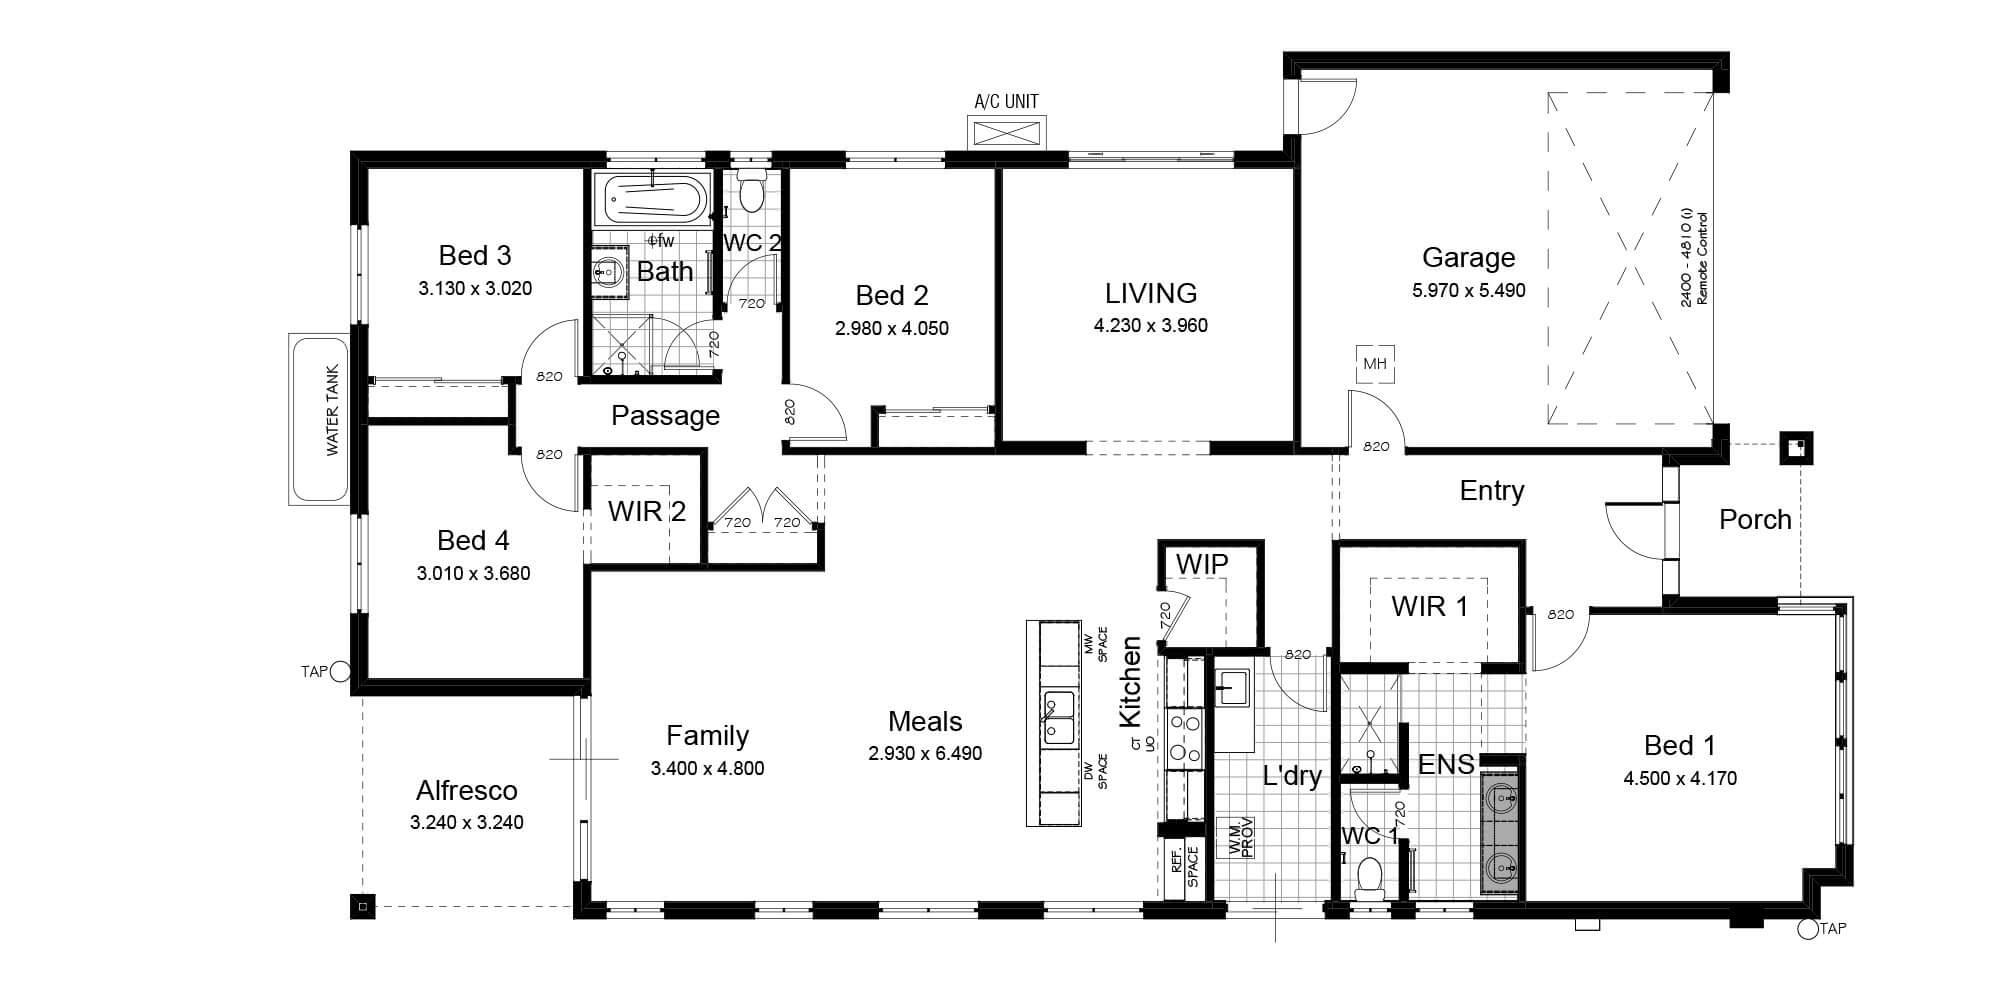 Lot 5 floorplan